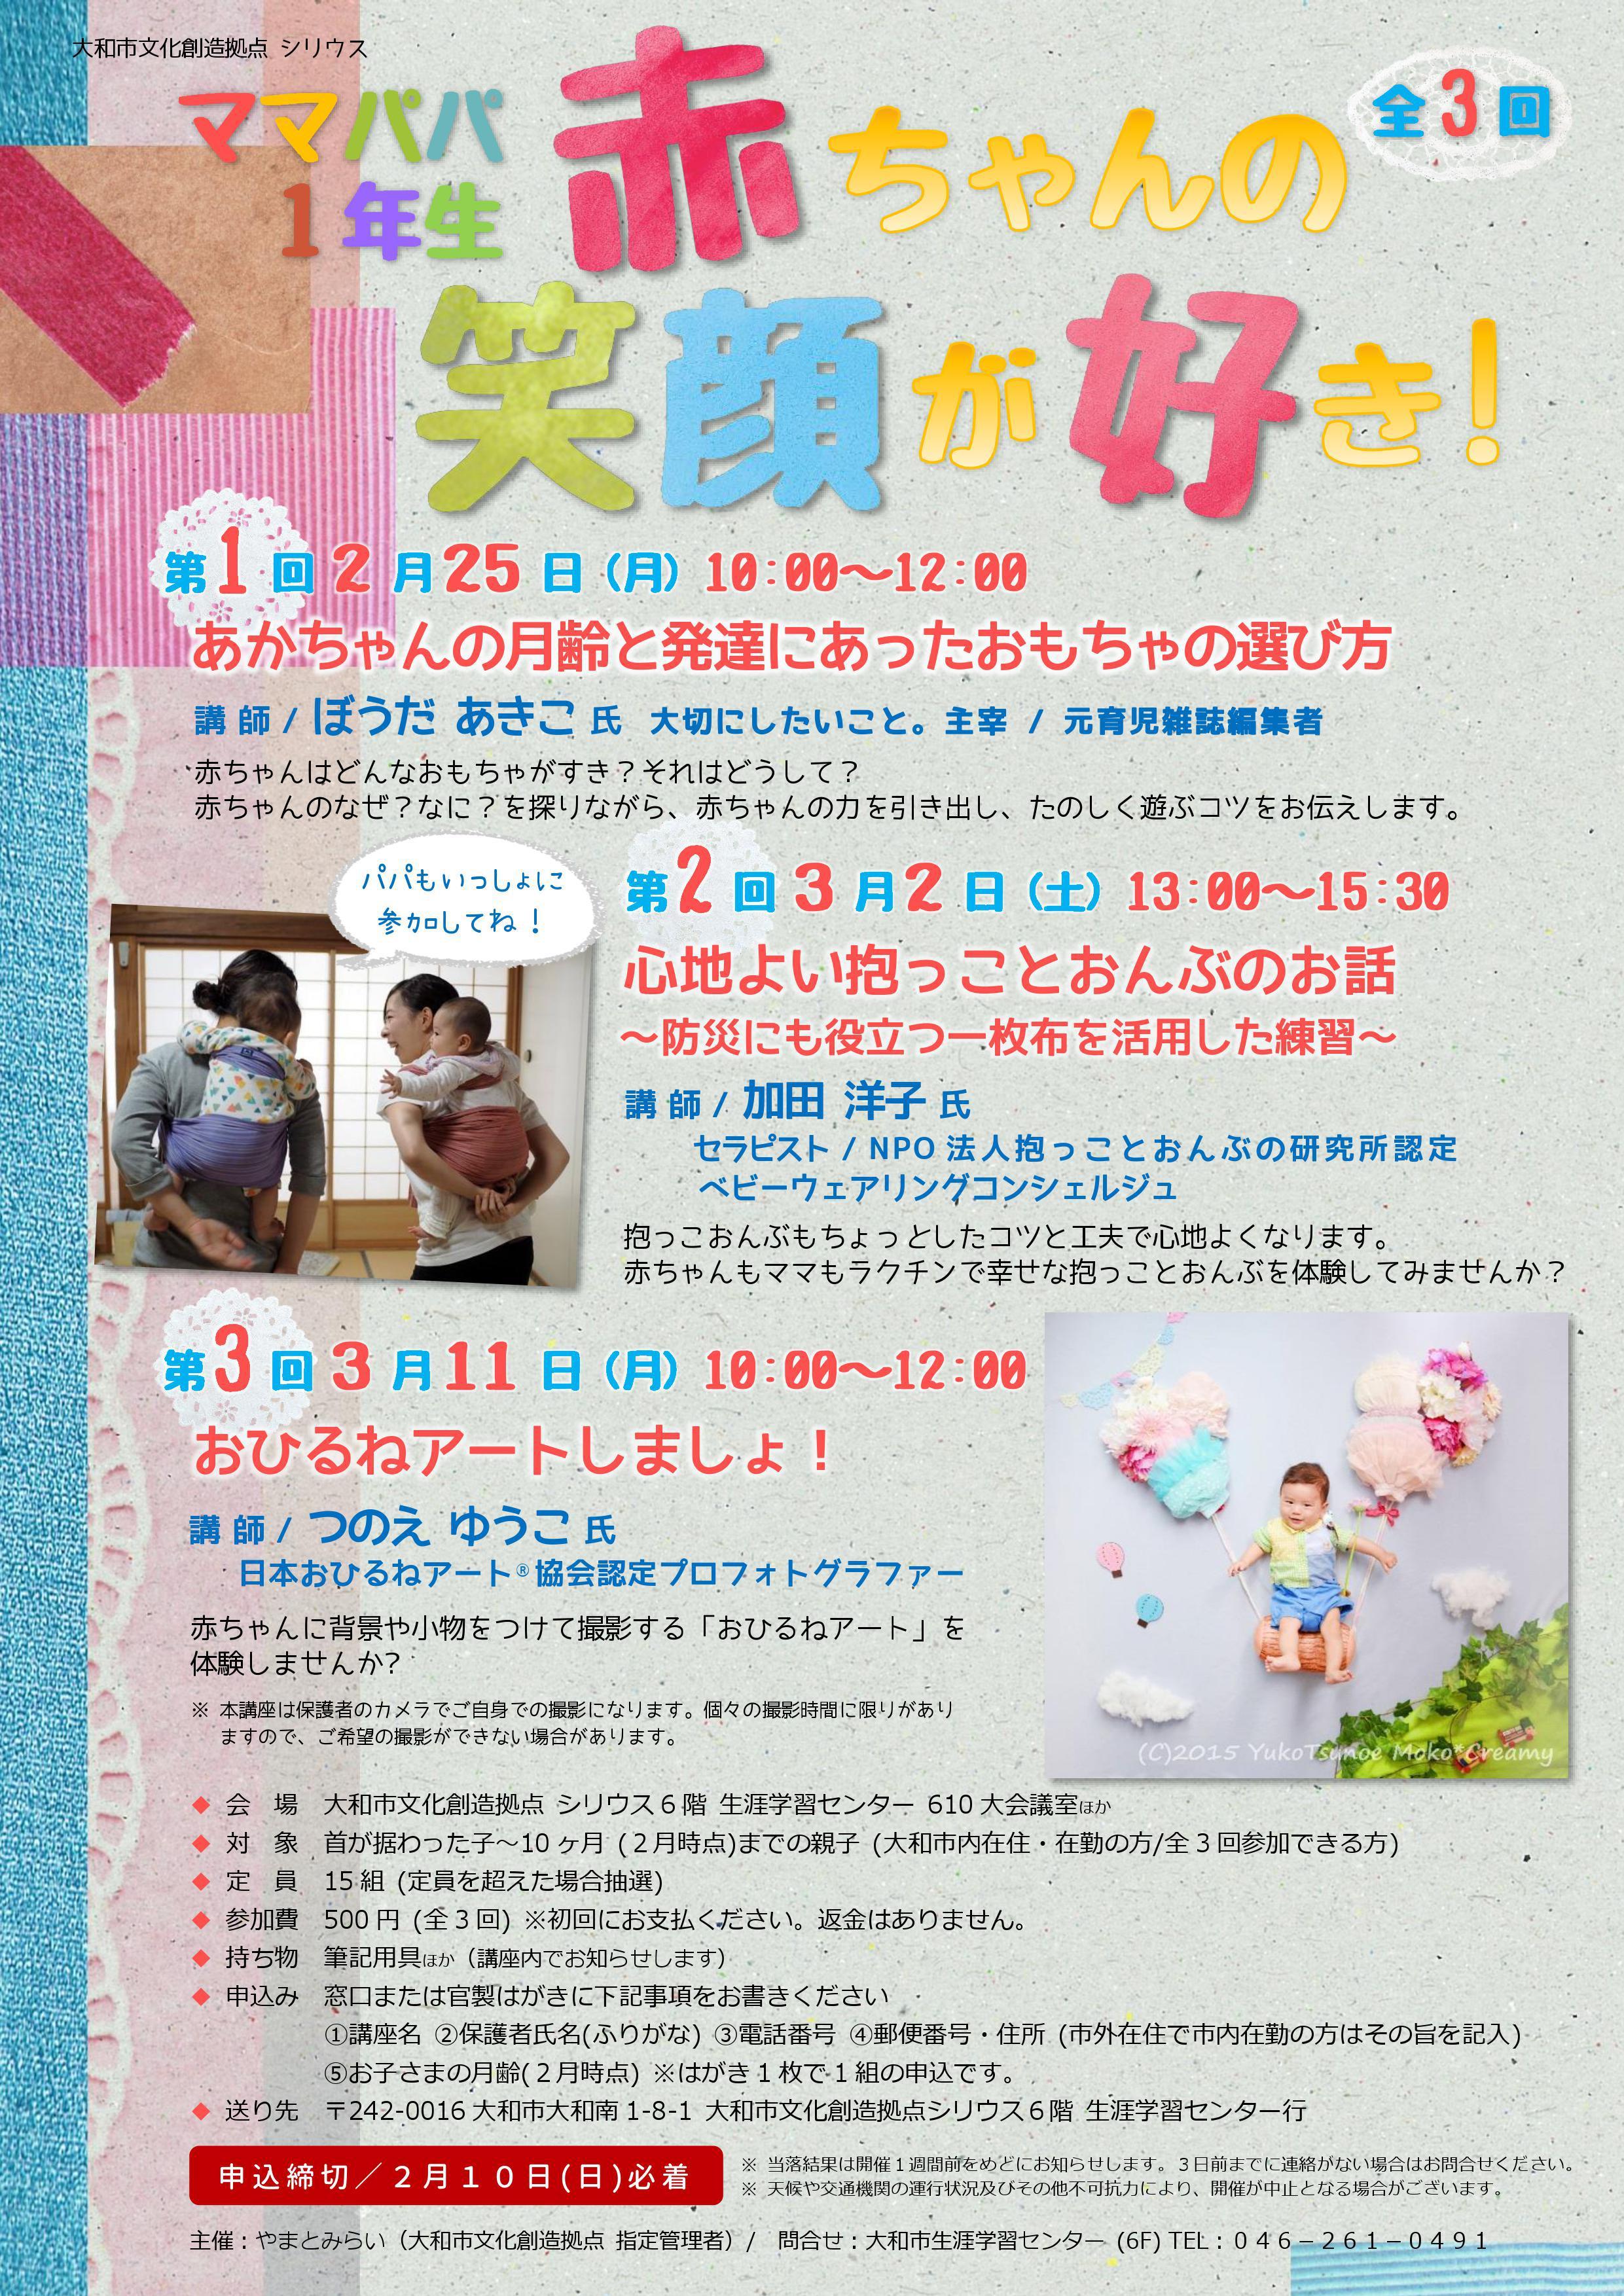 【募集終了】ママパパ1年生~赤ちゃんの笑顔が好き!